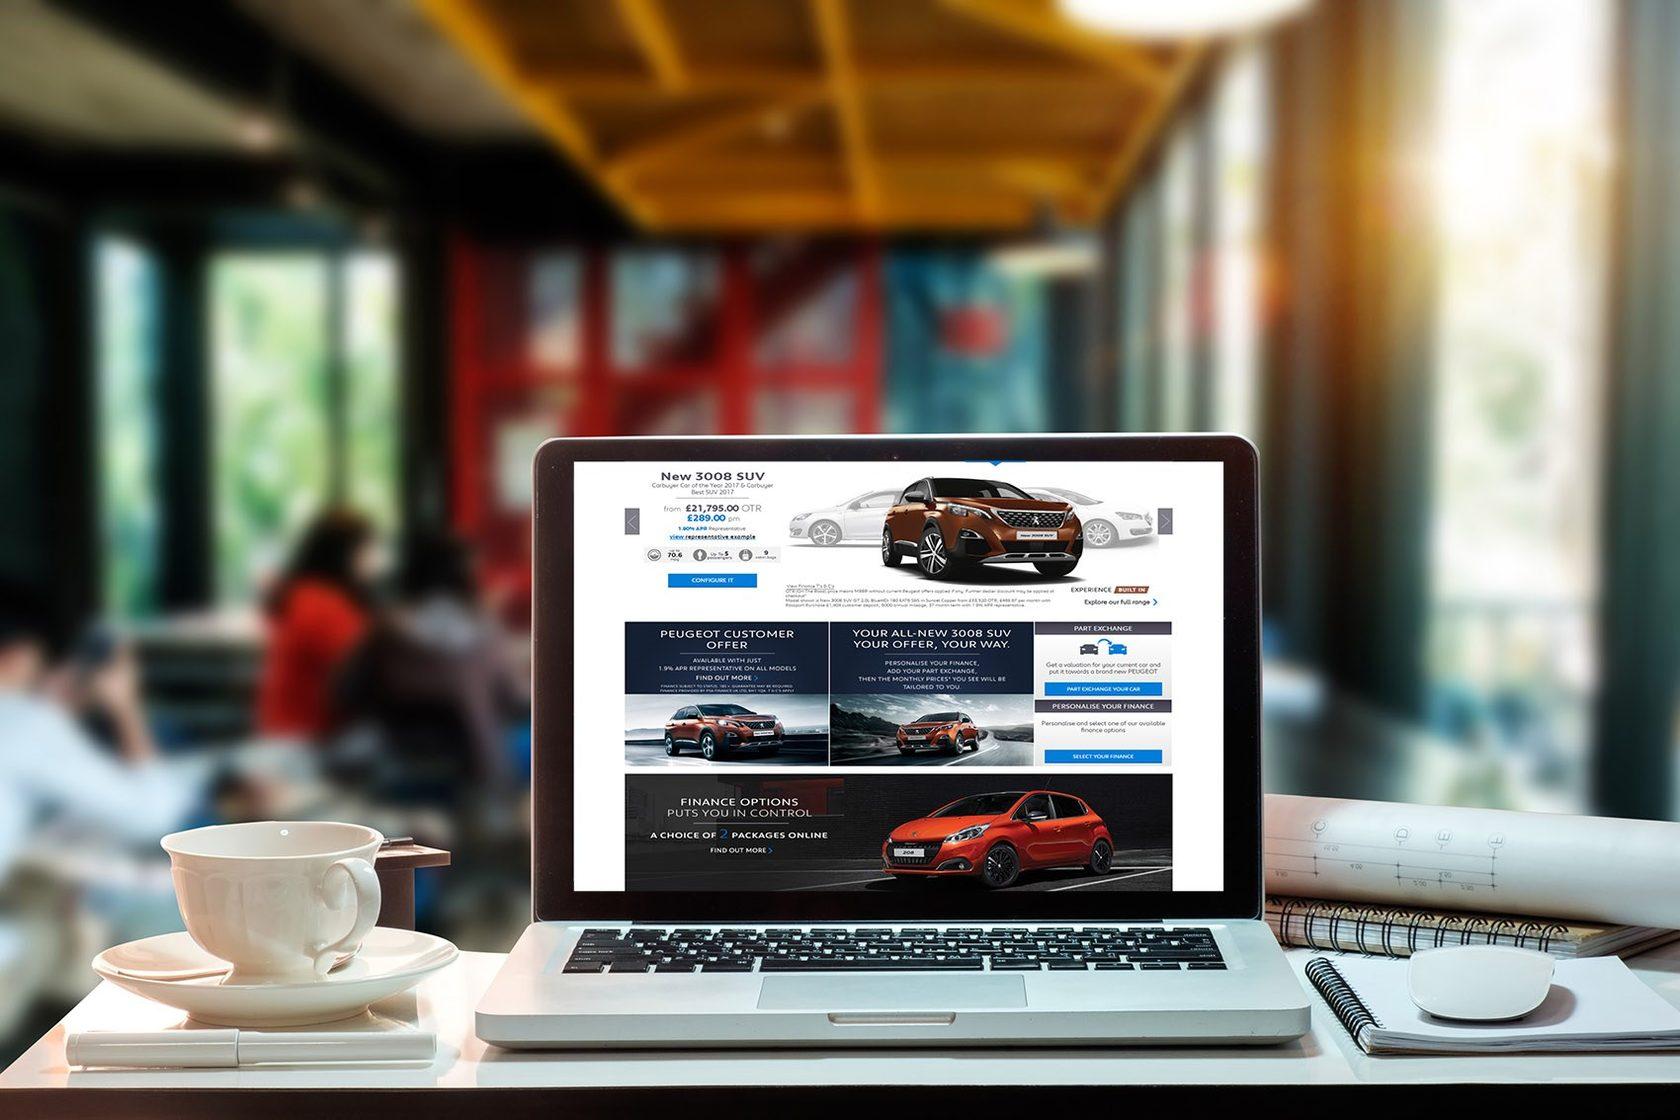 Где искать специализированные автомобили?